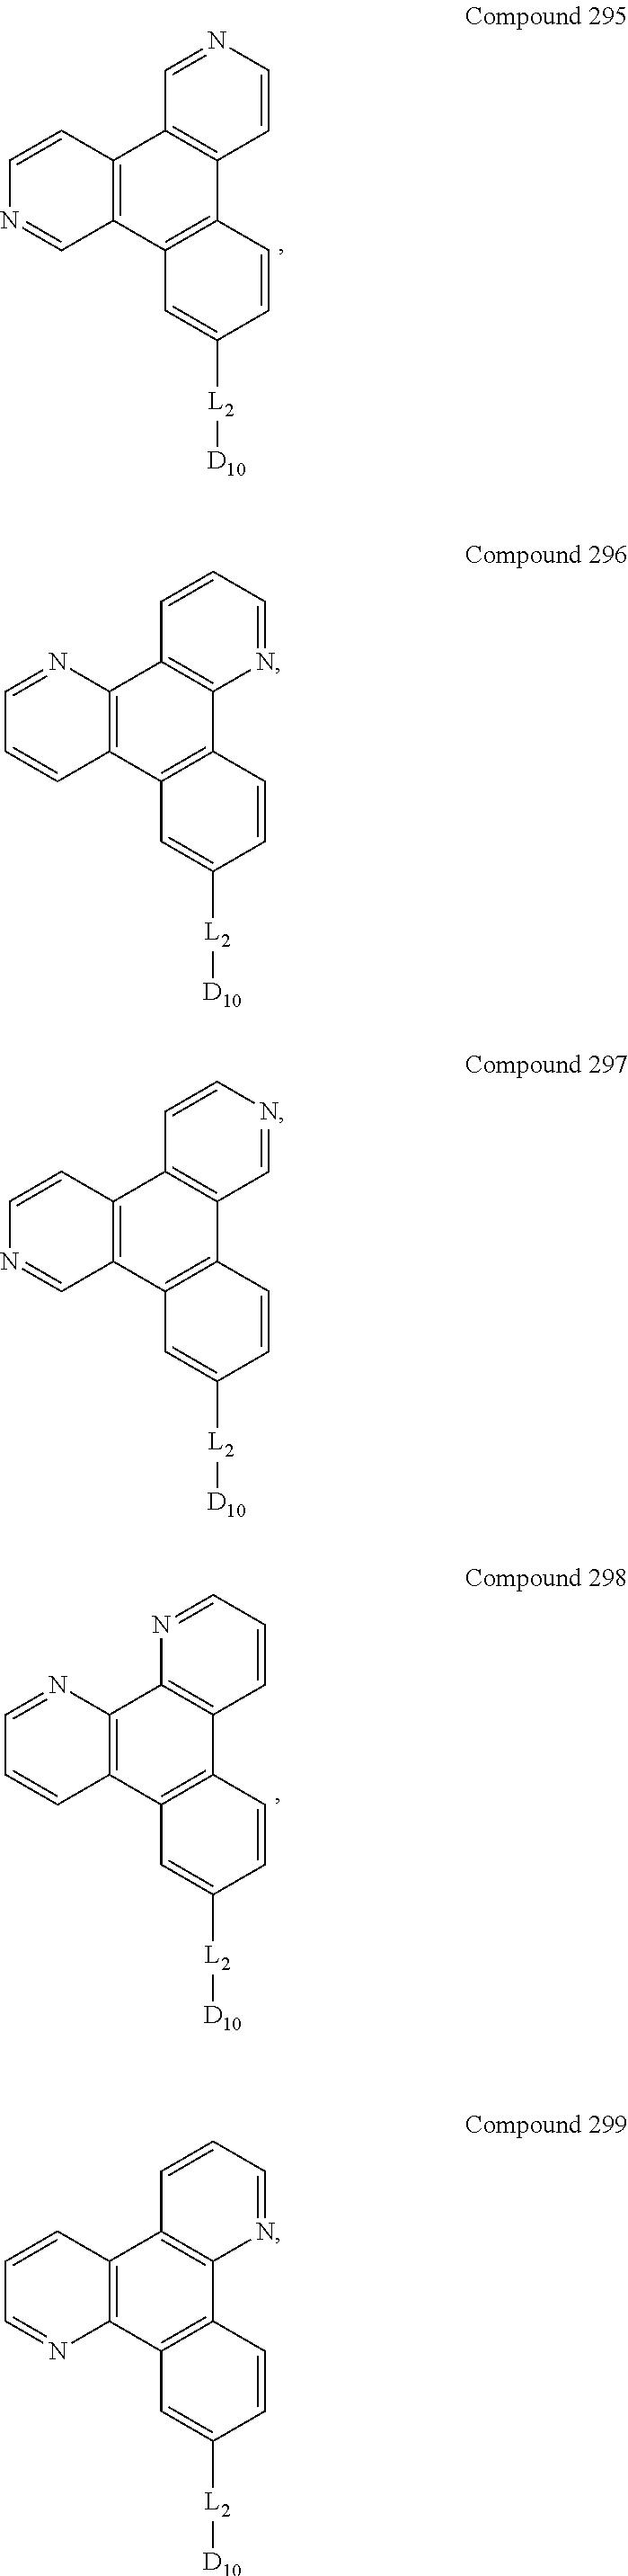 Figure US09537106-20170103-C00095